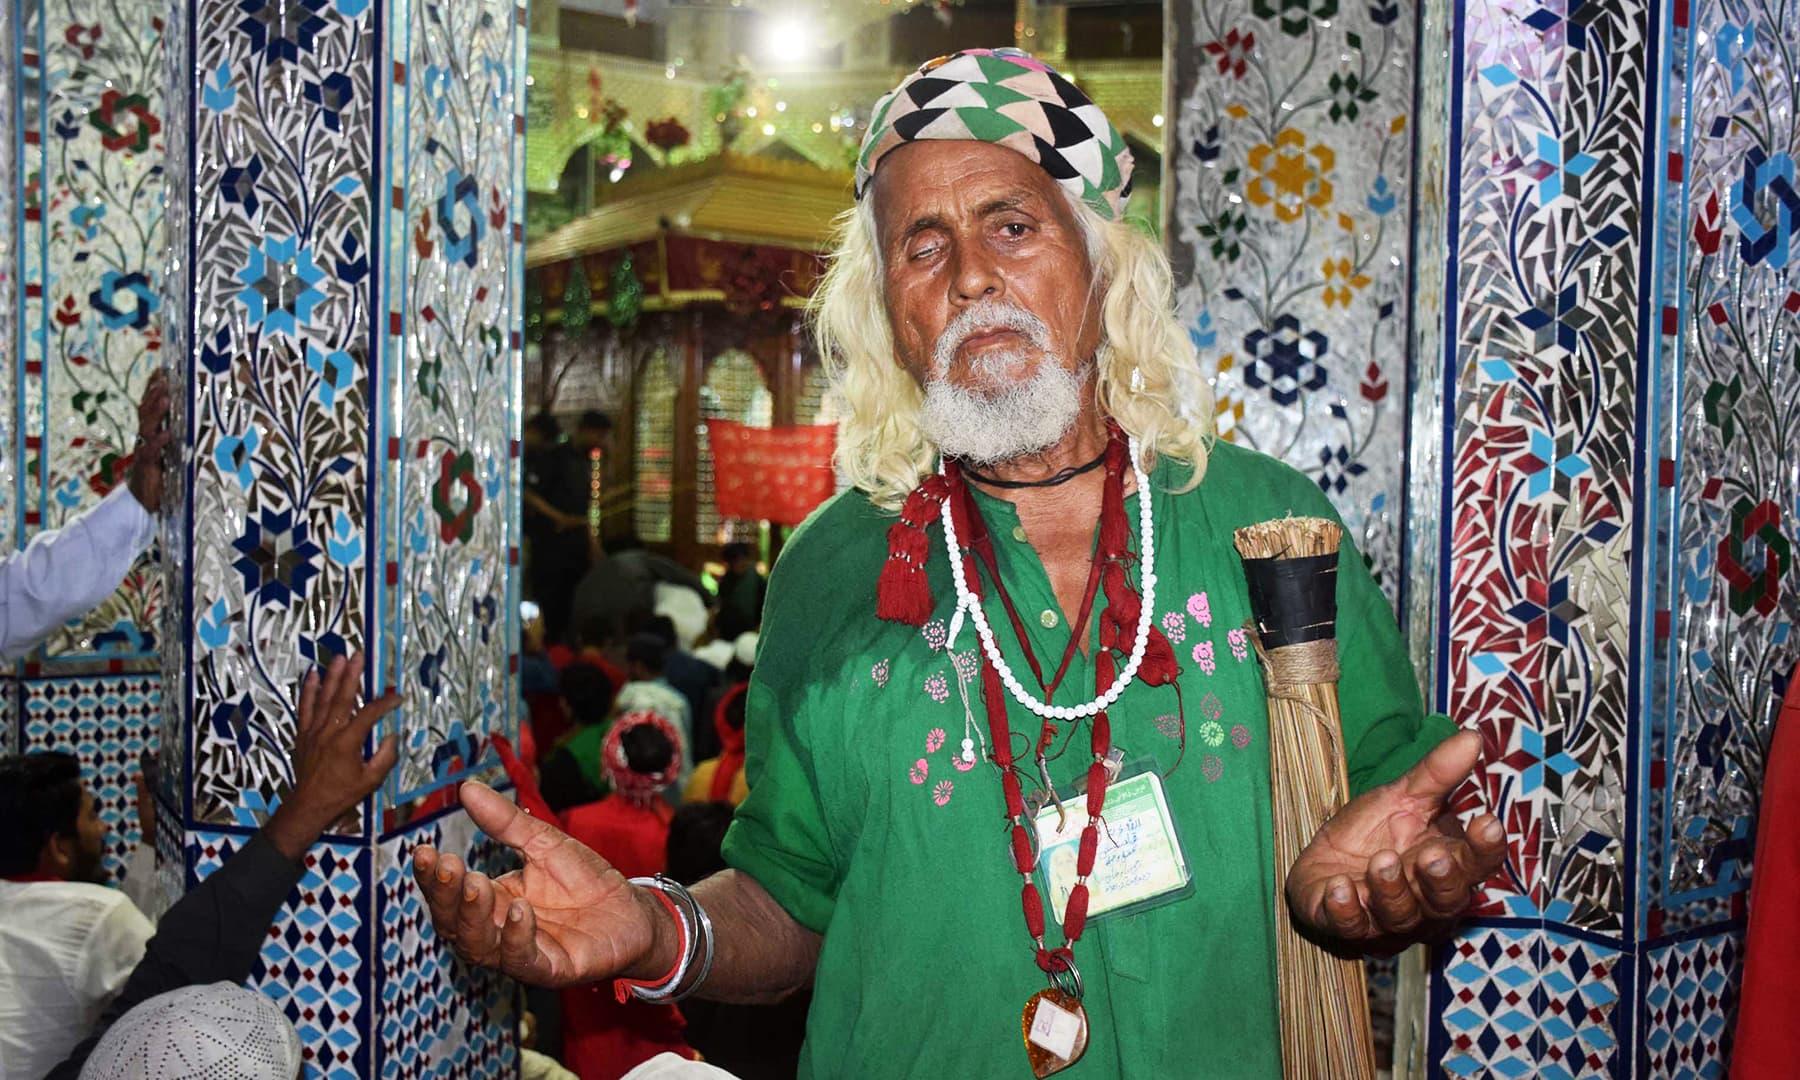 An elderly devotee prays inside the shrine.